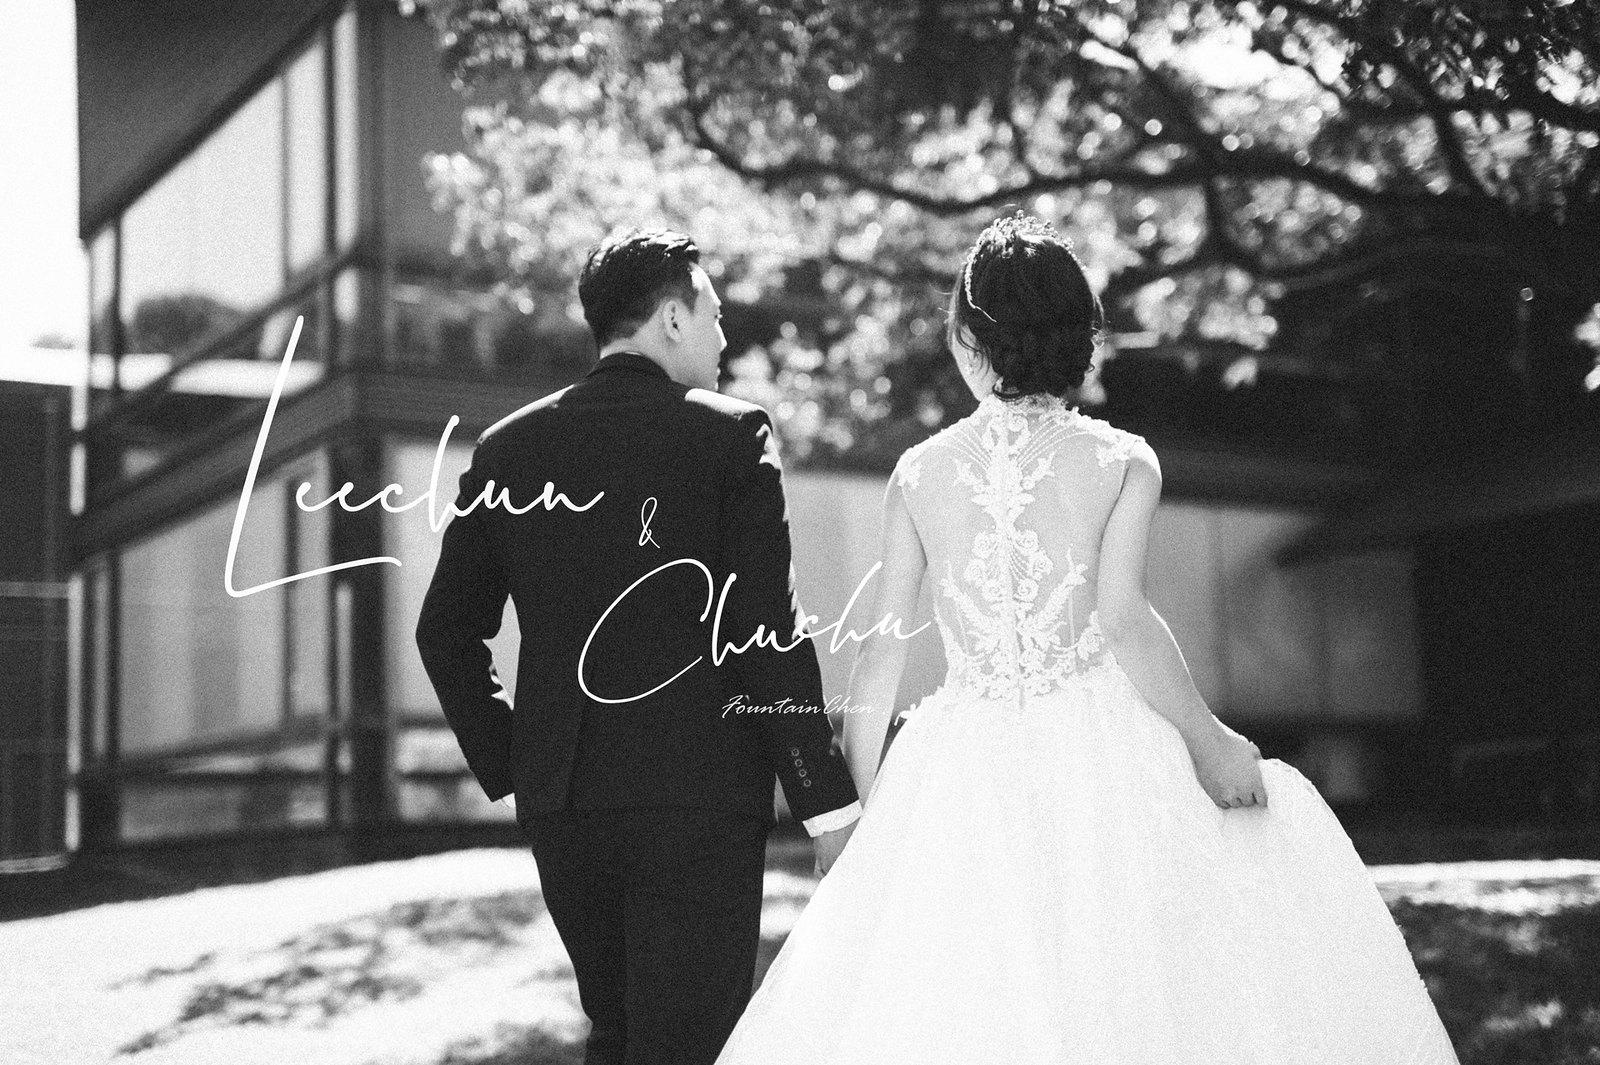 【婚攝】Leechun & Chuchu / 綠風草原餐廳(Green Breeze prairie)